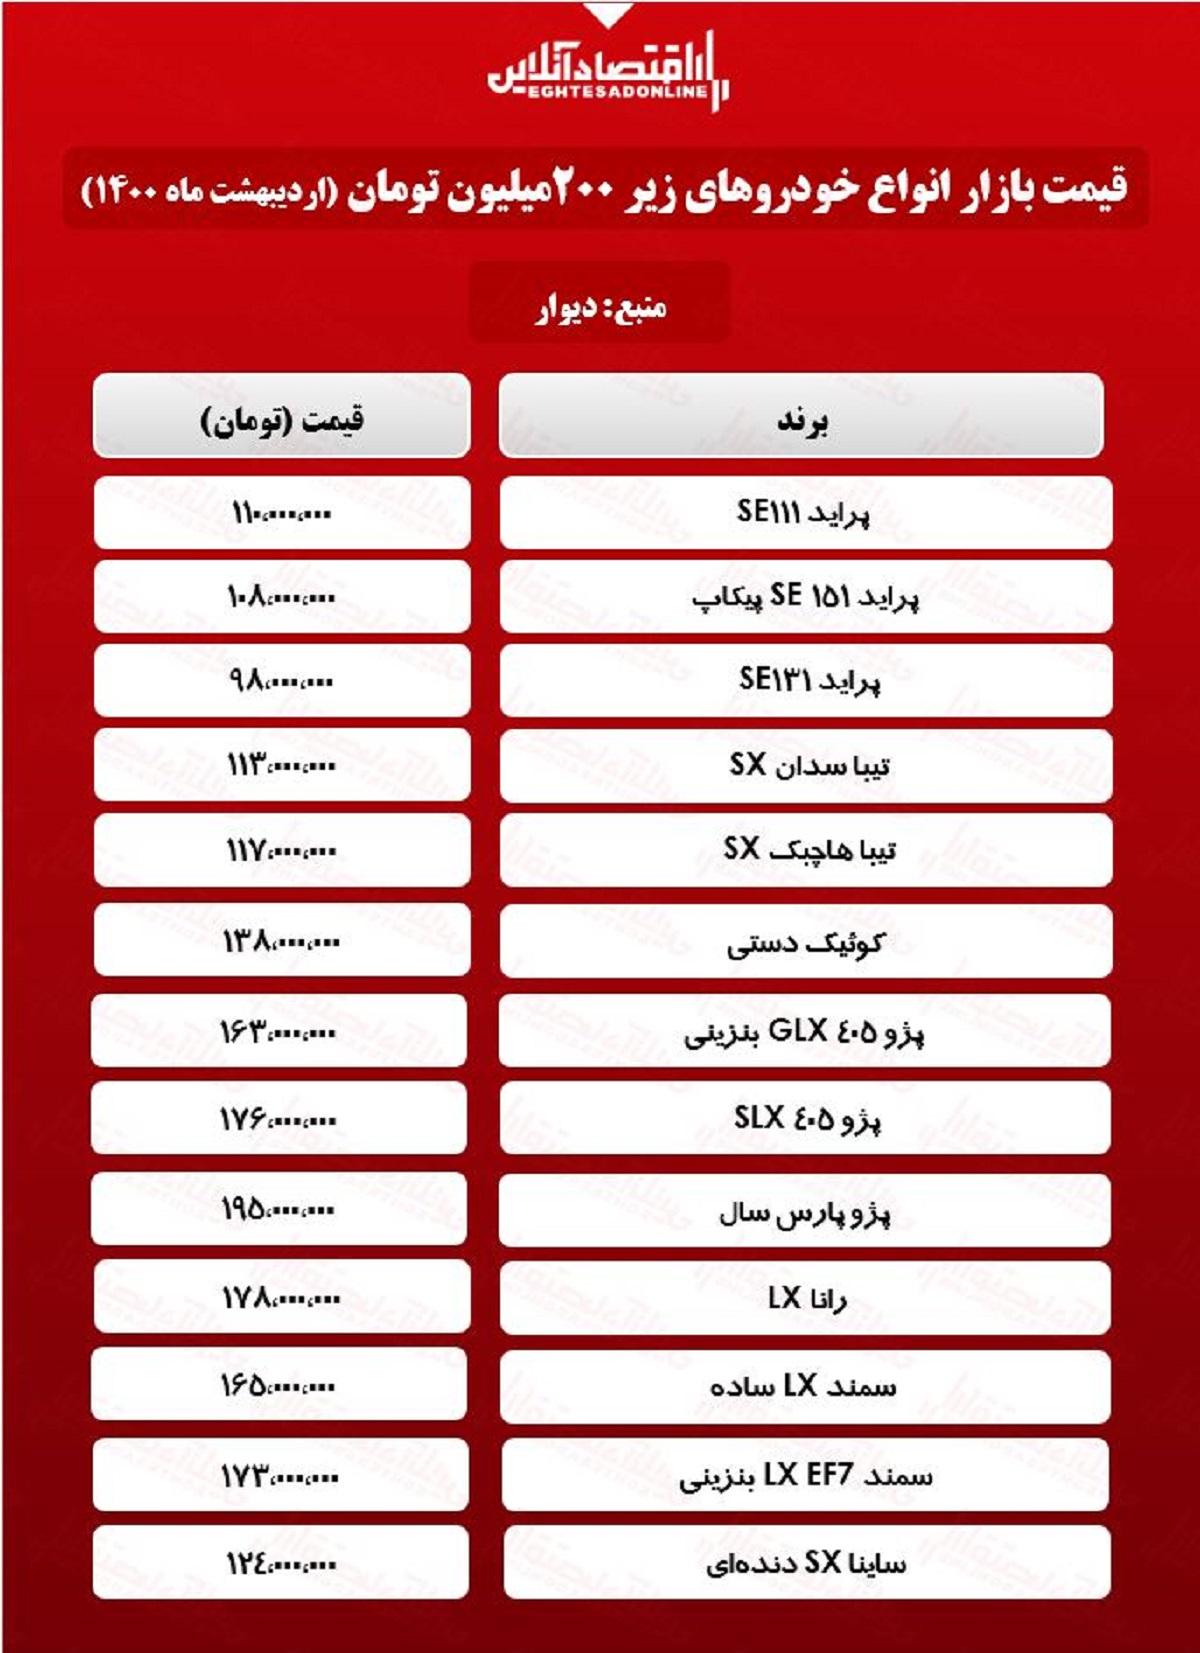 قیمت+خودروهای+200میلیونی